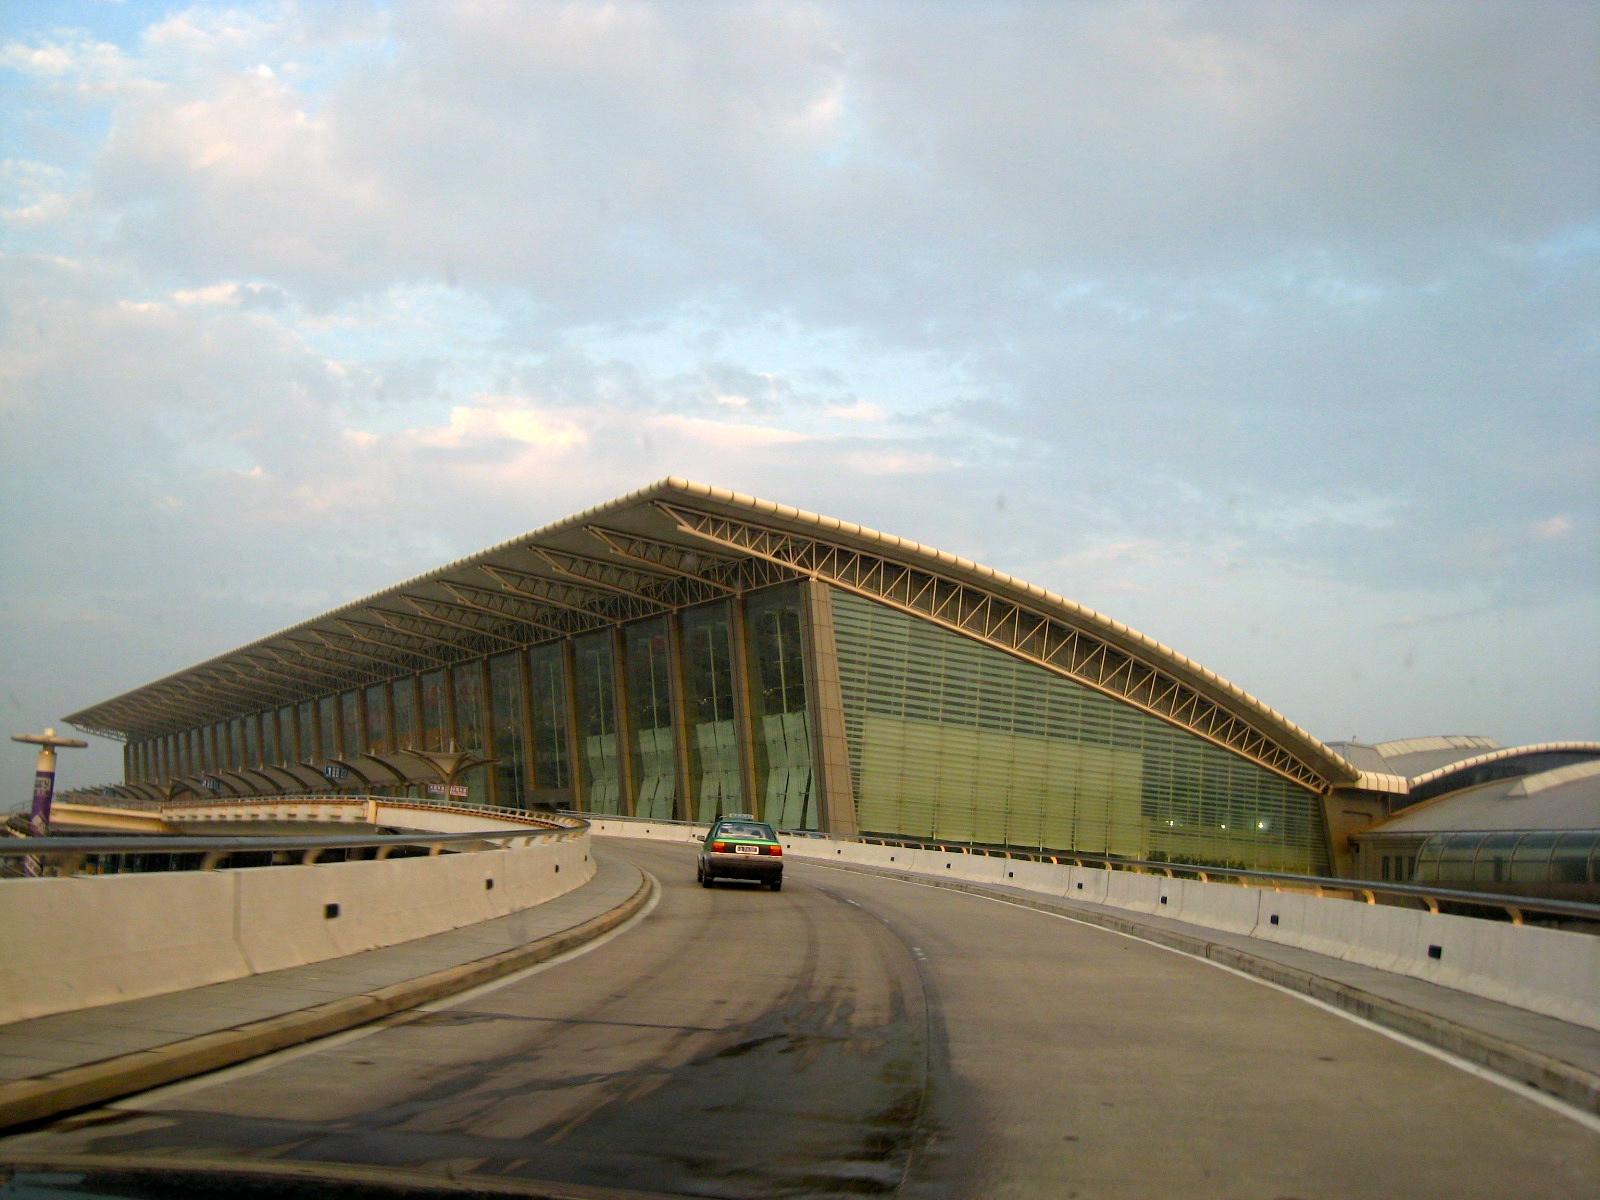 Xi U0026 39 An Xianyang International Airport